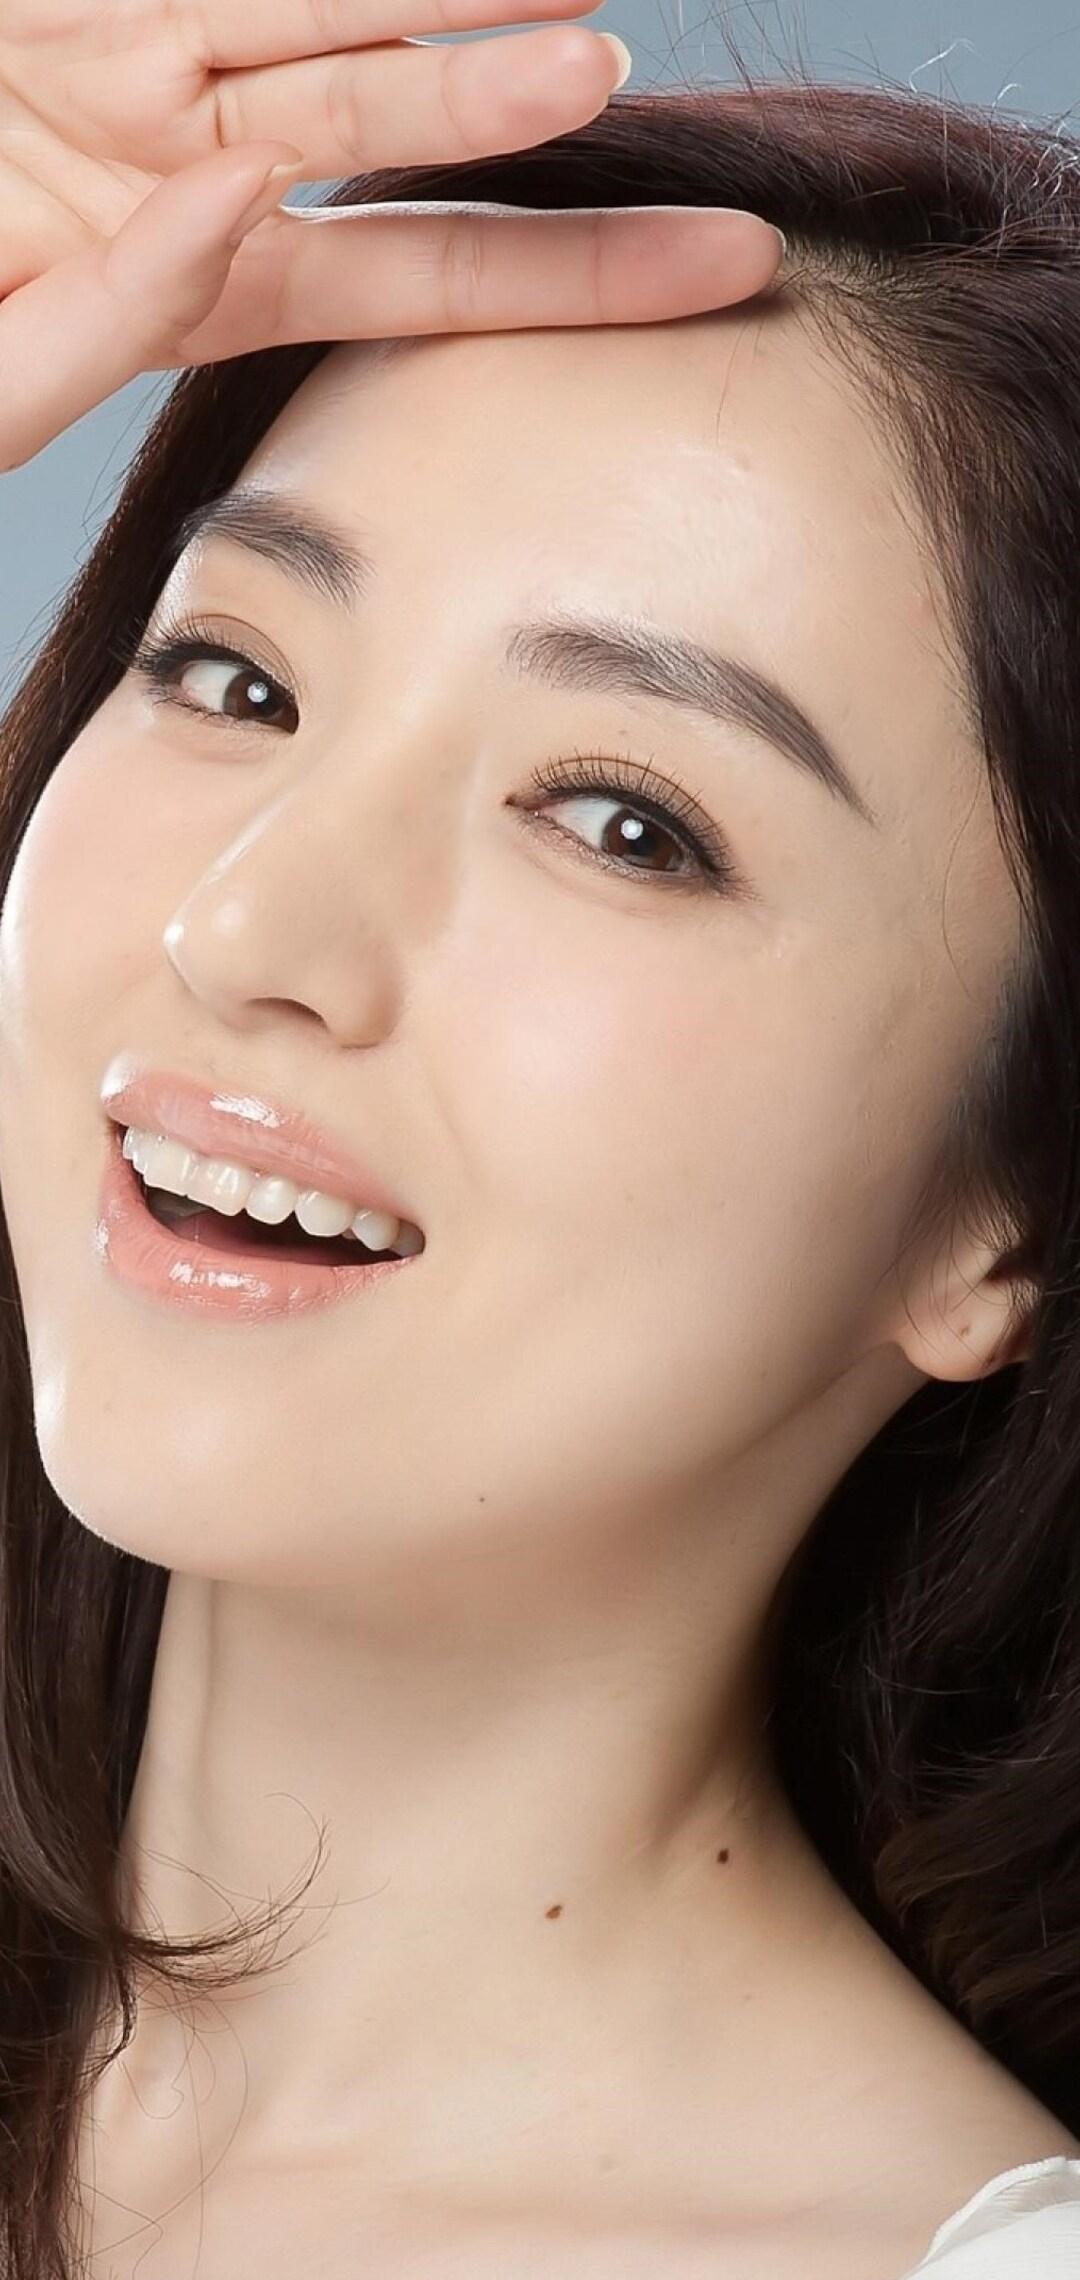 asian-girl-smiling.jpg